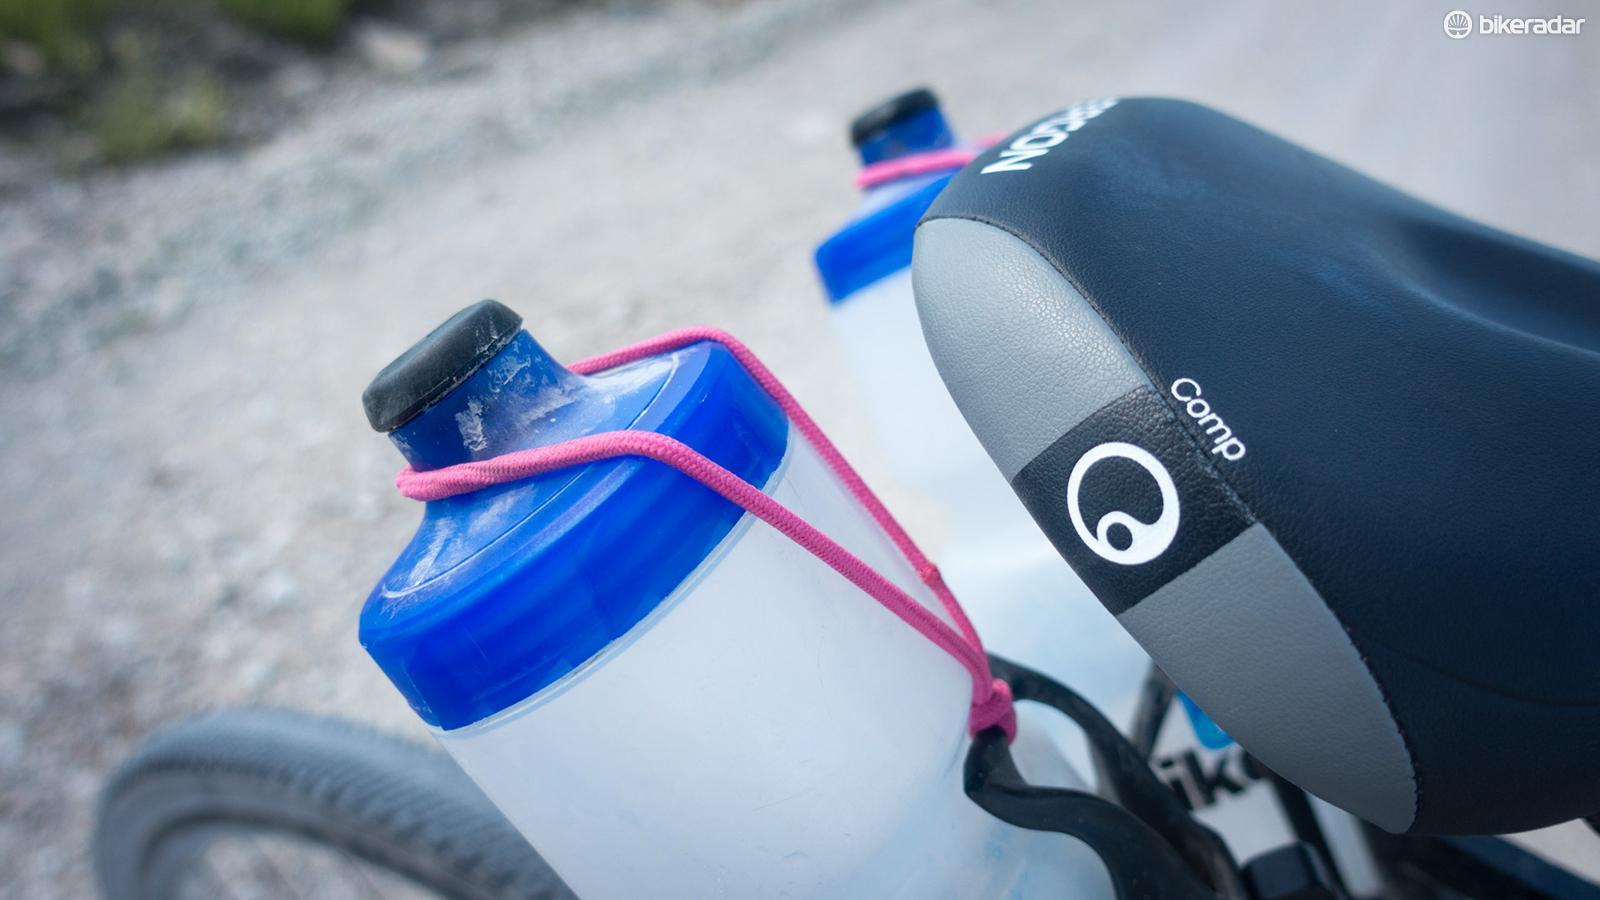 water-bottles-hair-ties-1469048225230-xqaapwqgidrk.jpg